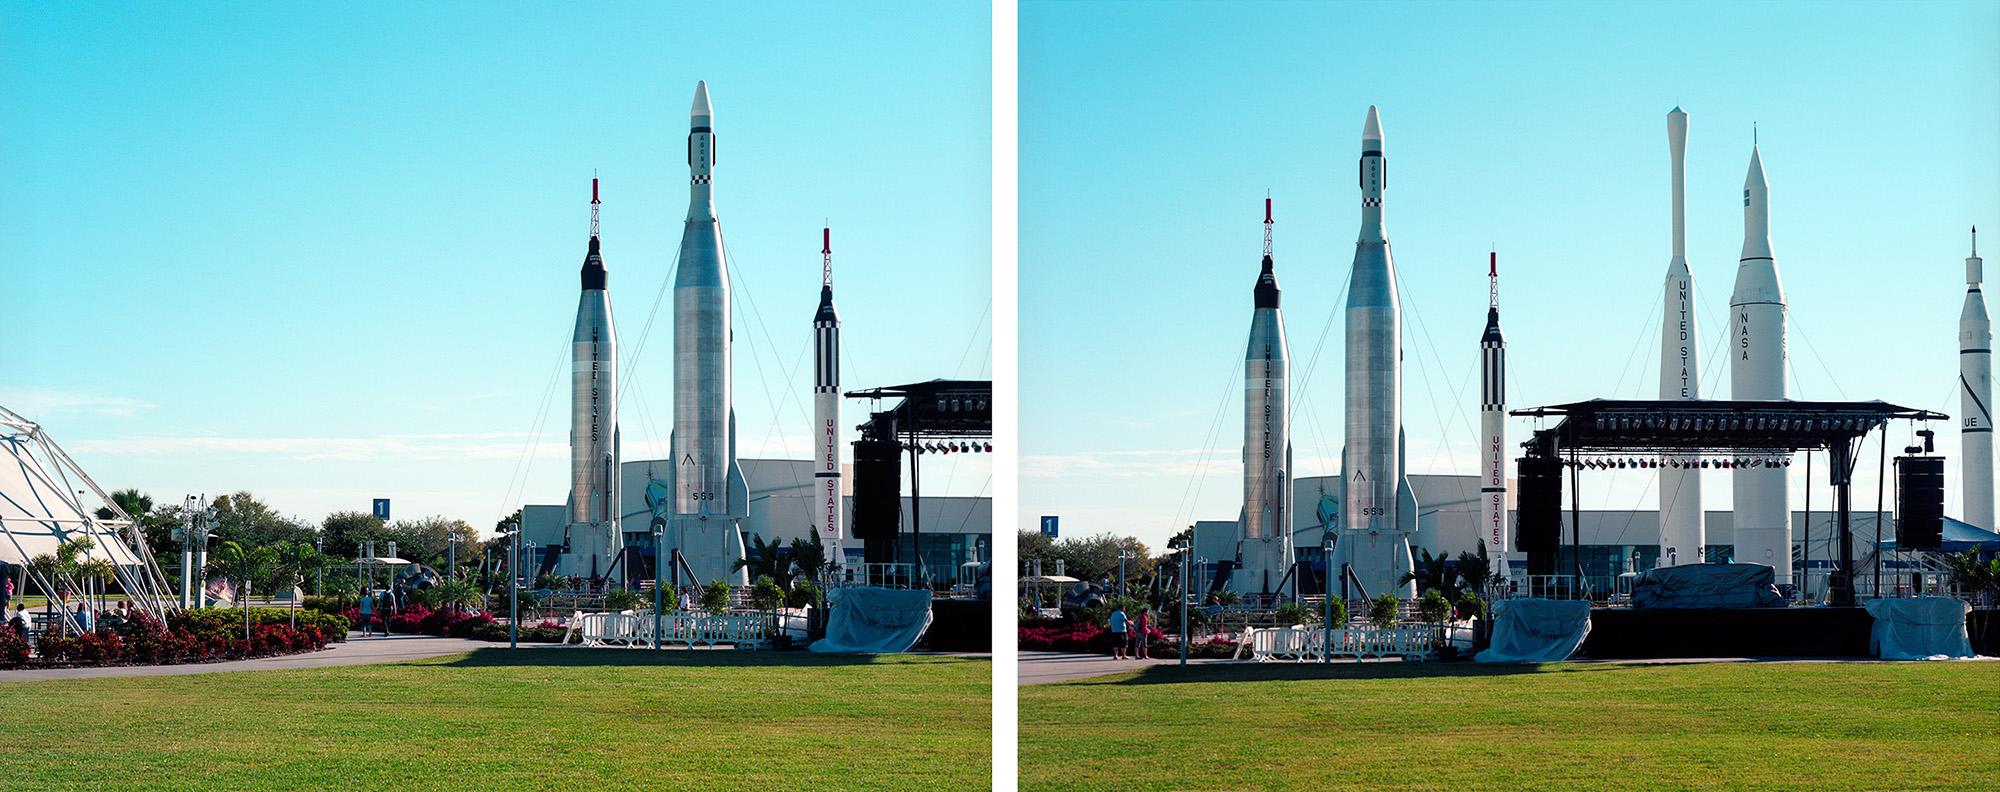 Nasa Space Center, Florida